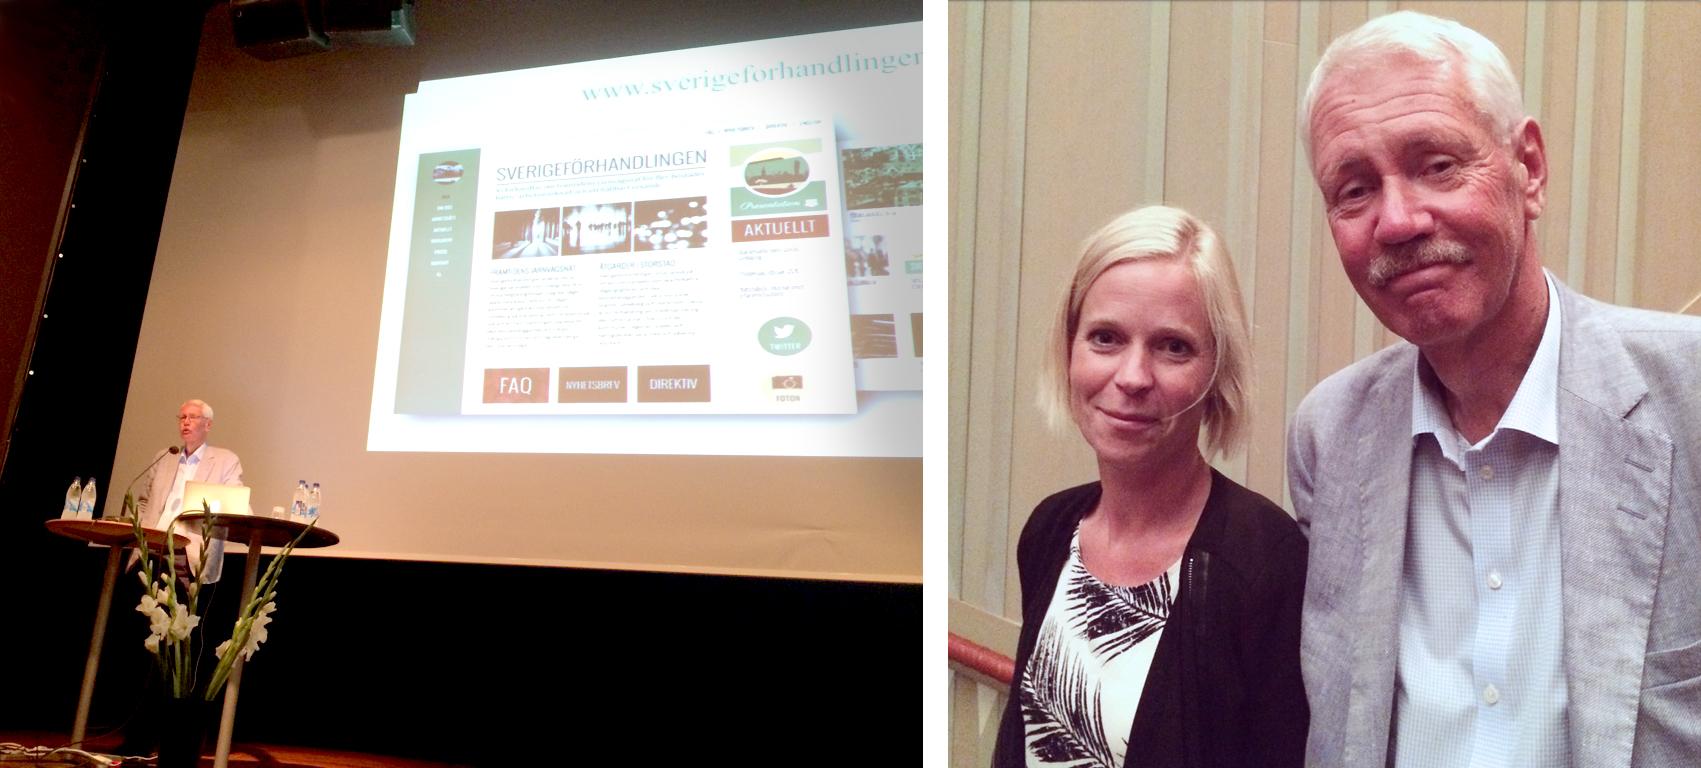 Sverigeförhandlingens förhandlingsperson HG Wessberg och Sara Distner från Göteborg-Borås